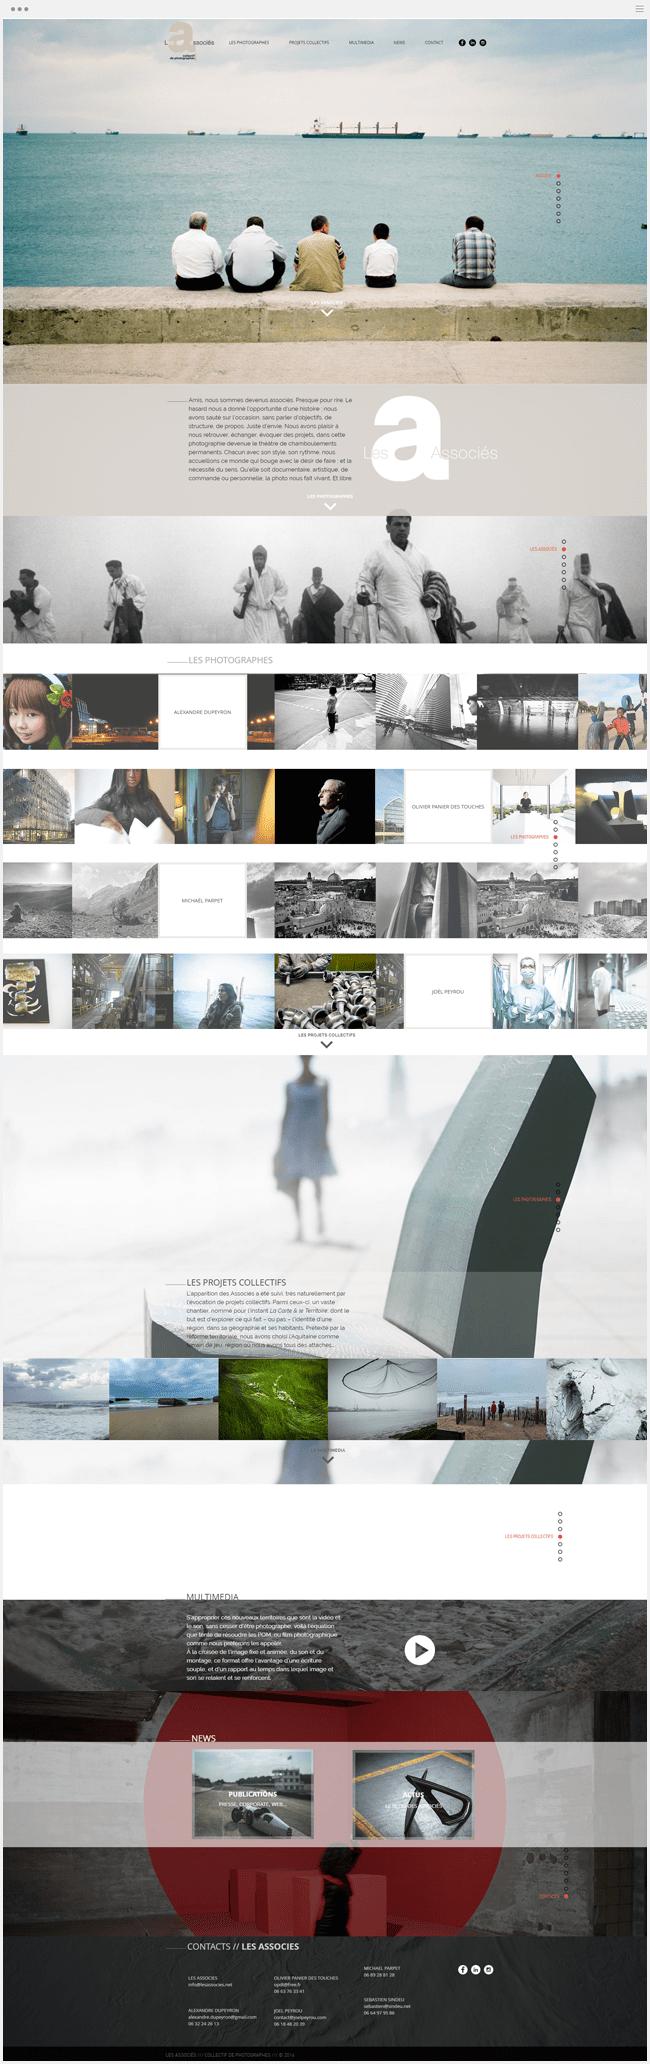 site photographie les associés créé avec Wix